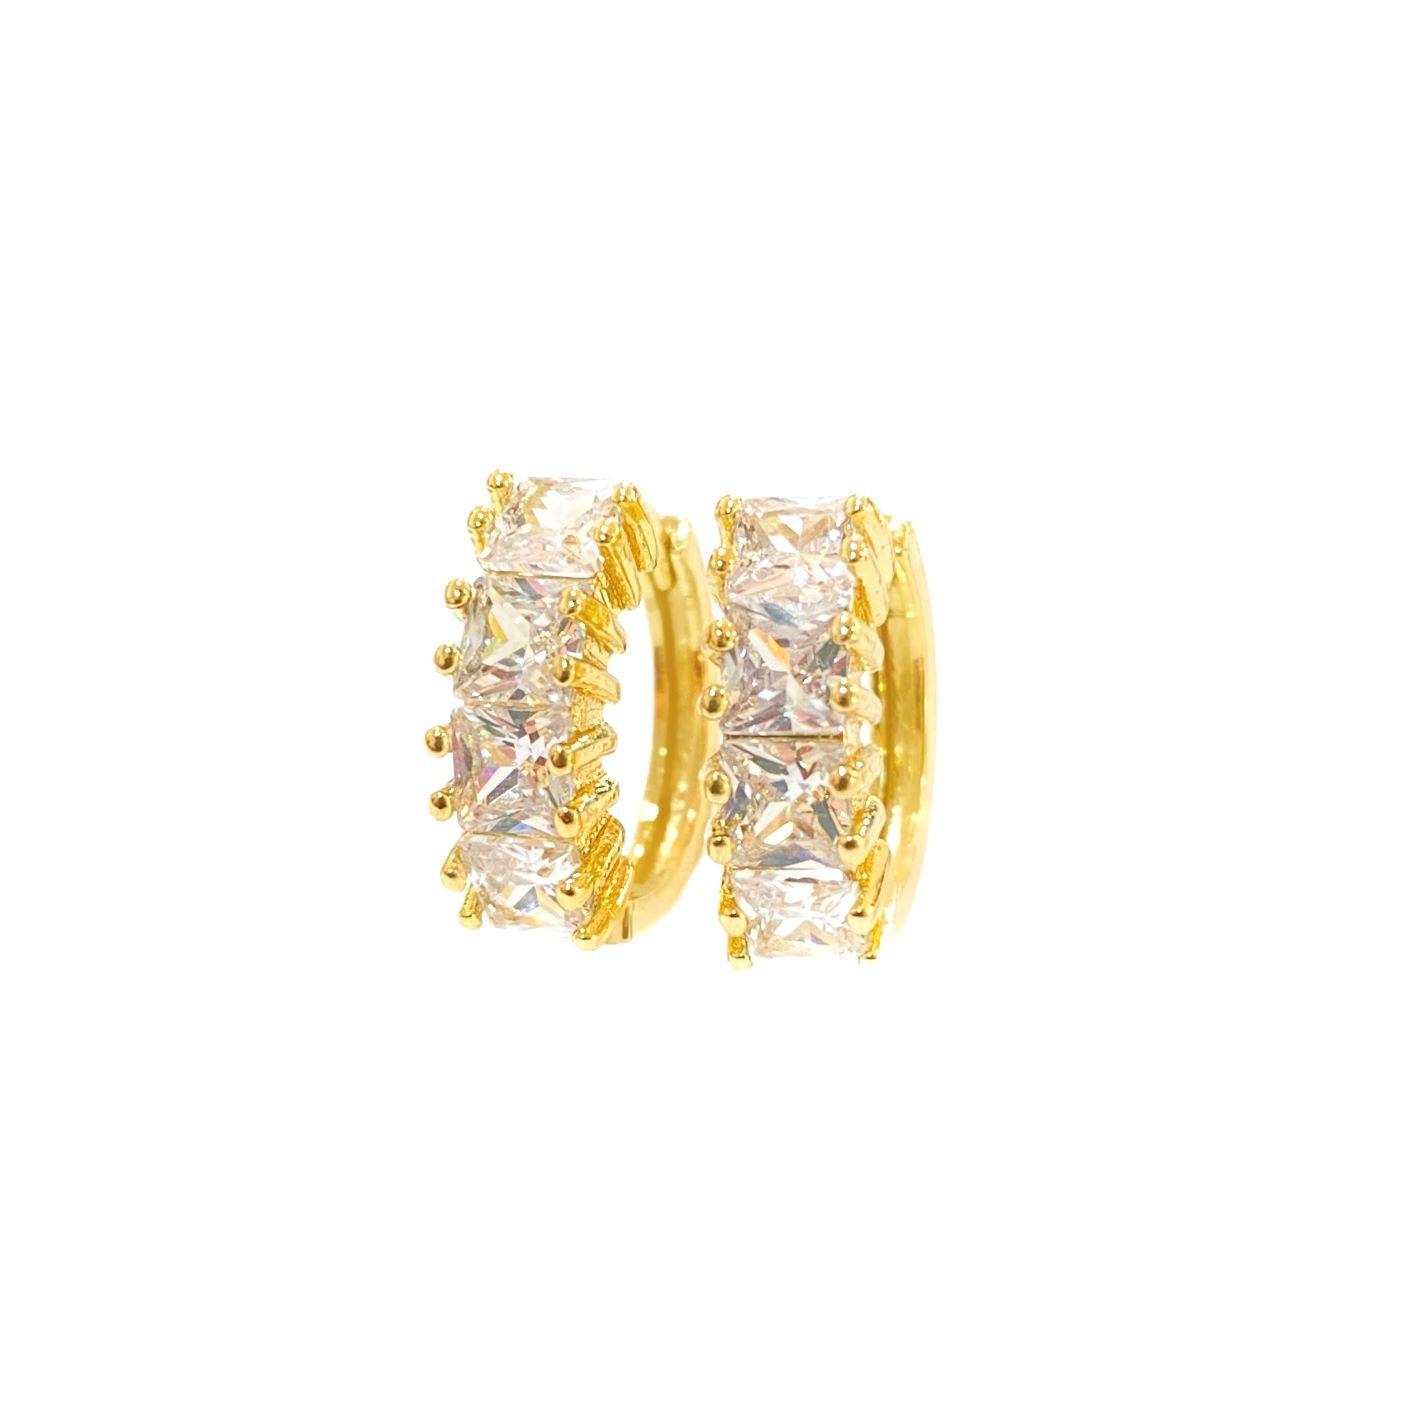 Brinco Click 4 Pedras de Zircônia (Banho Ouro 24k)